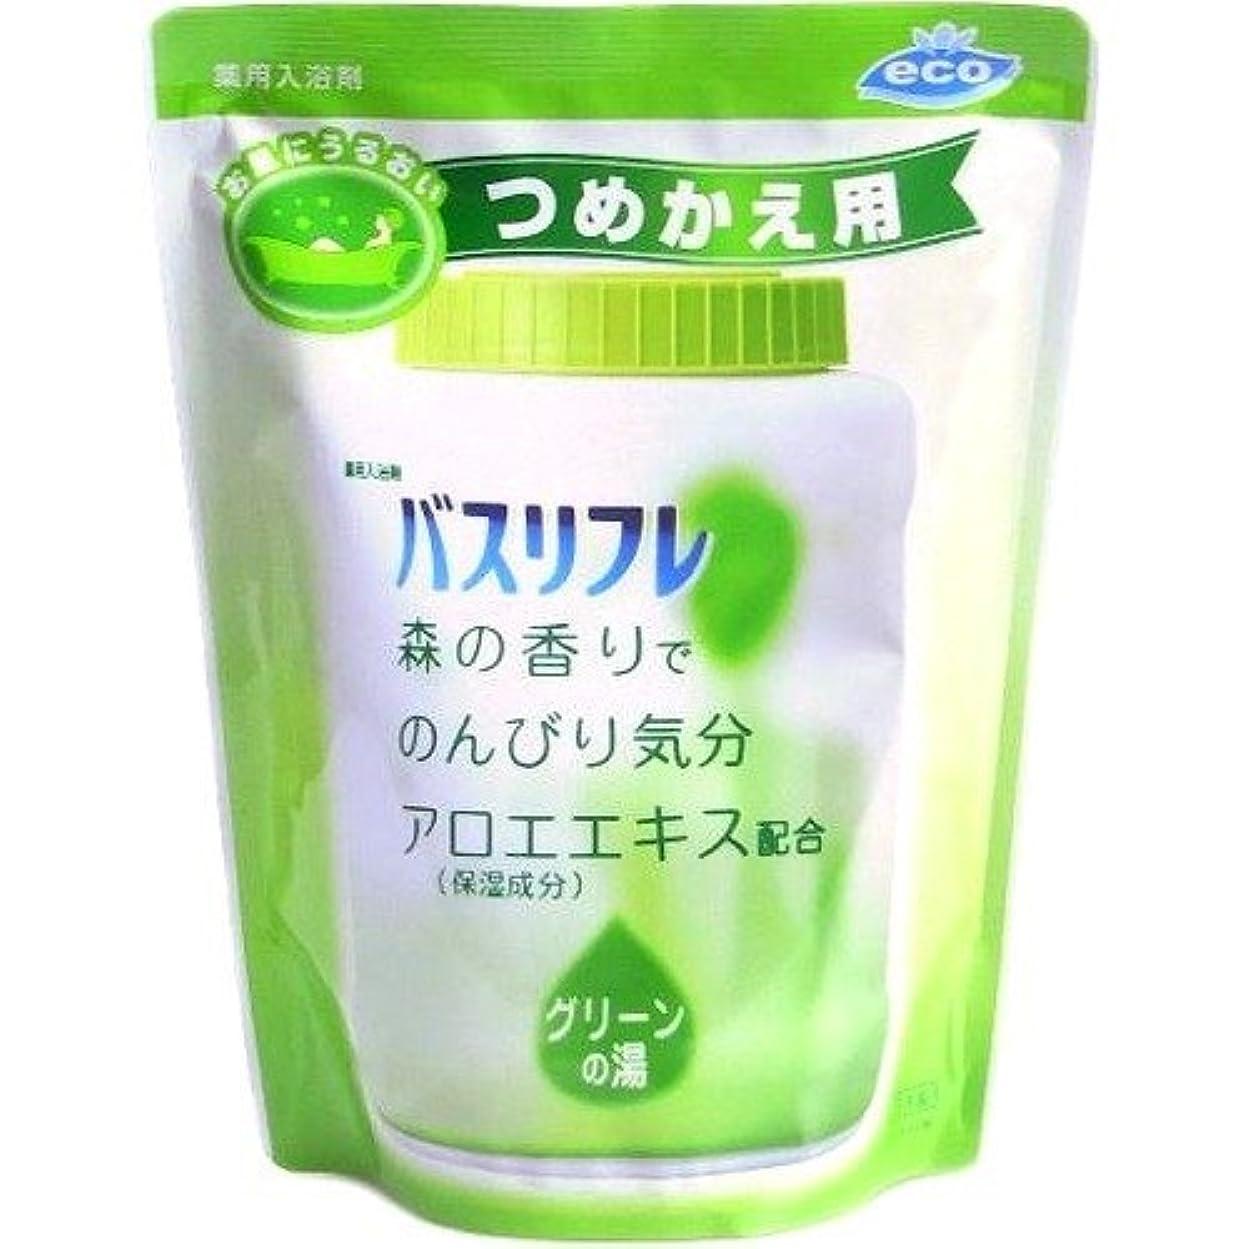 出撃者モスク受信機薬用入浴剤 バスリフレ グリーンの湯 つめかえ用 540g 森の香り (ライオンケミカル)